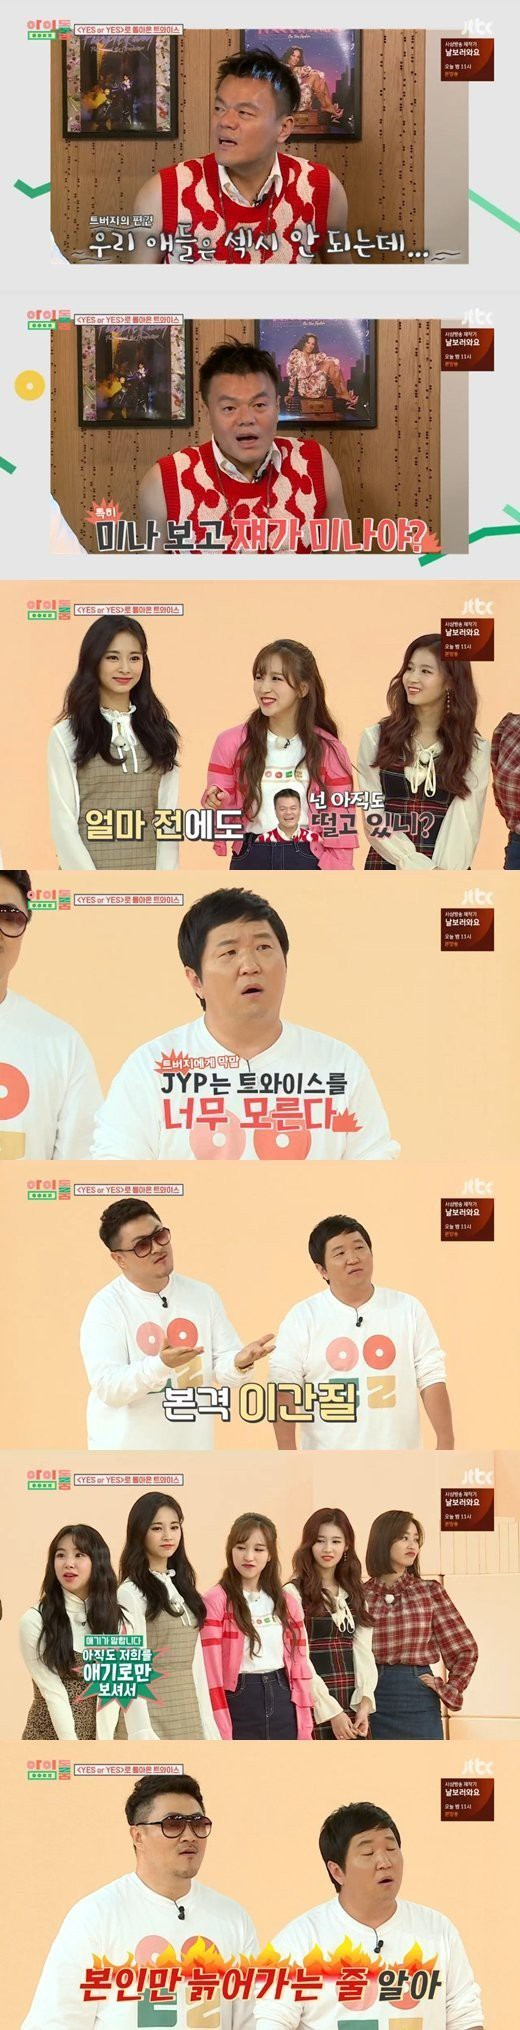 Hóa ra đây là lý do JYP ngạc nhiên khi thấy mỹ nữ Nhật Bản của TWICE nhảy sexy! - Ảnh 2.